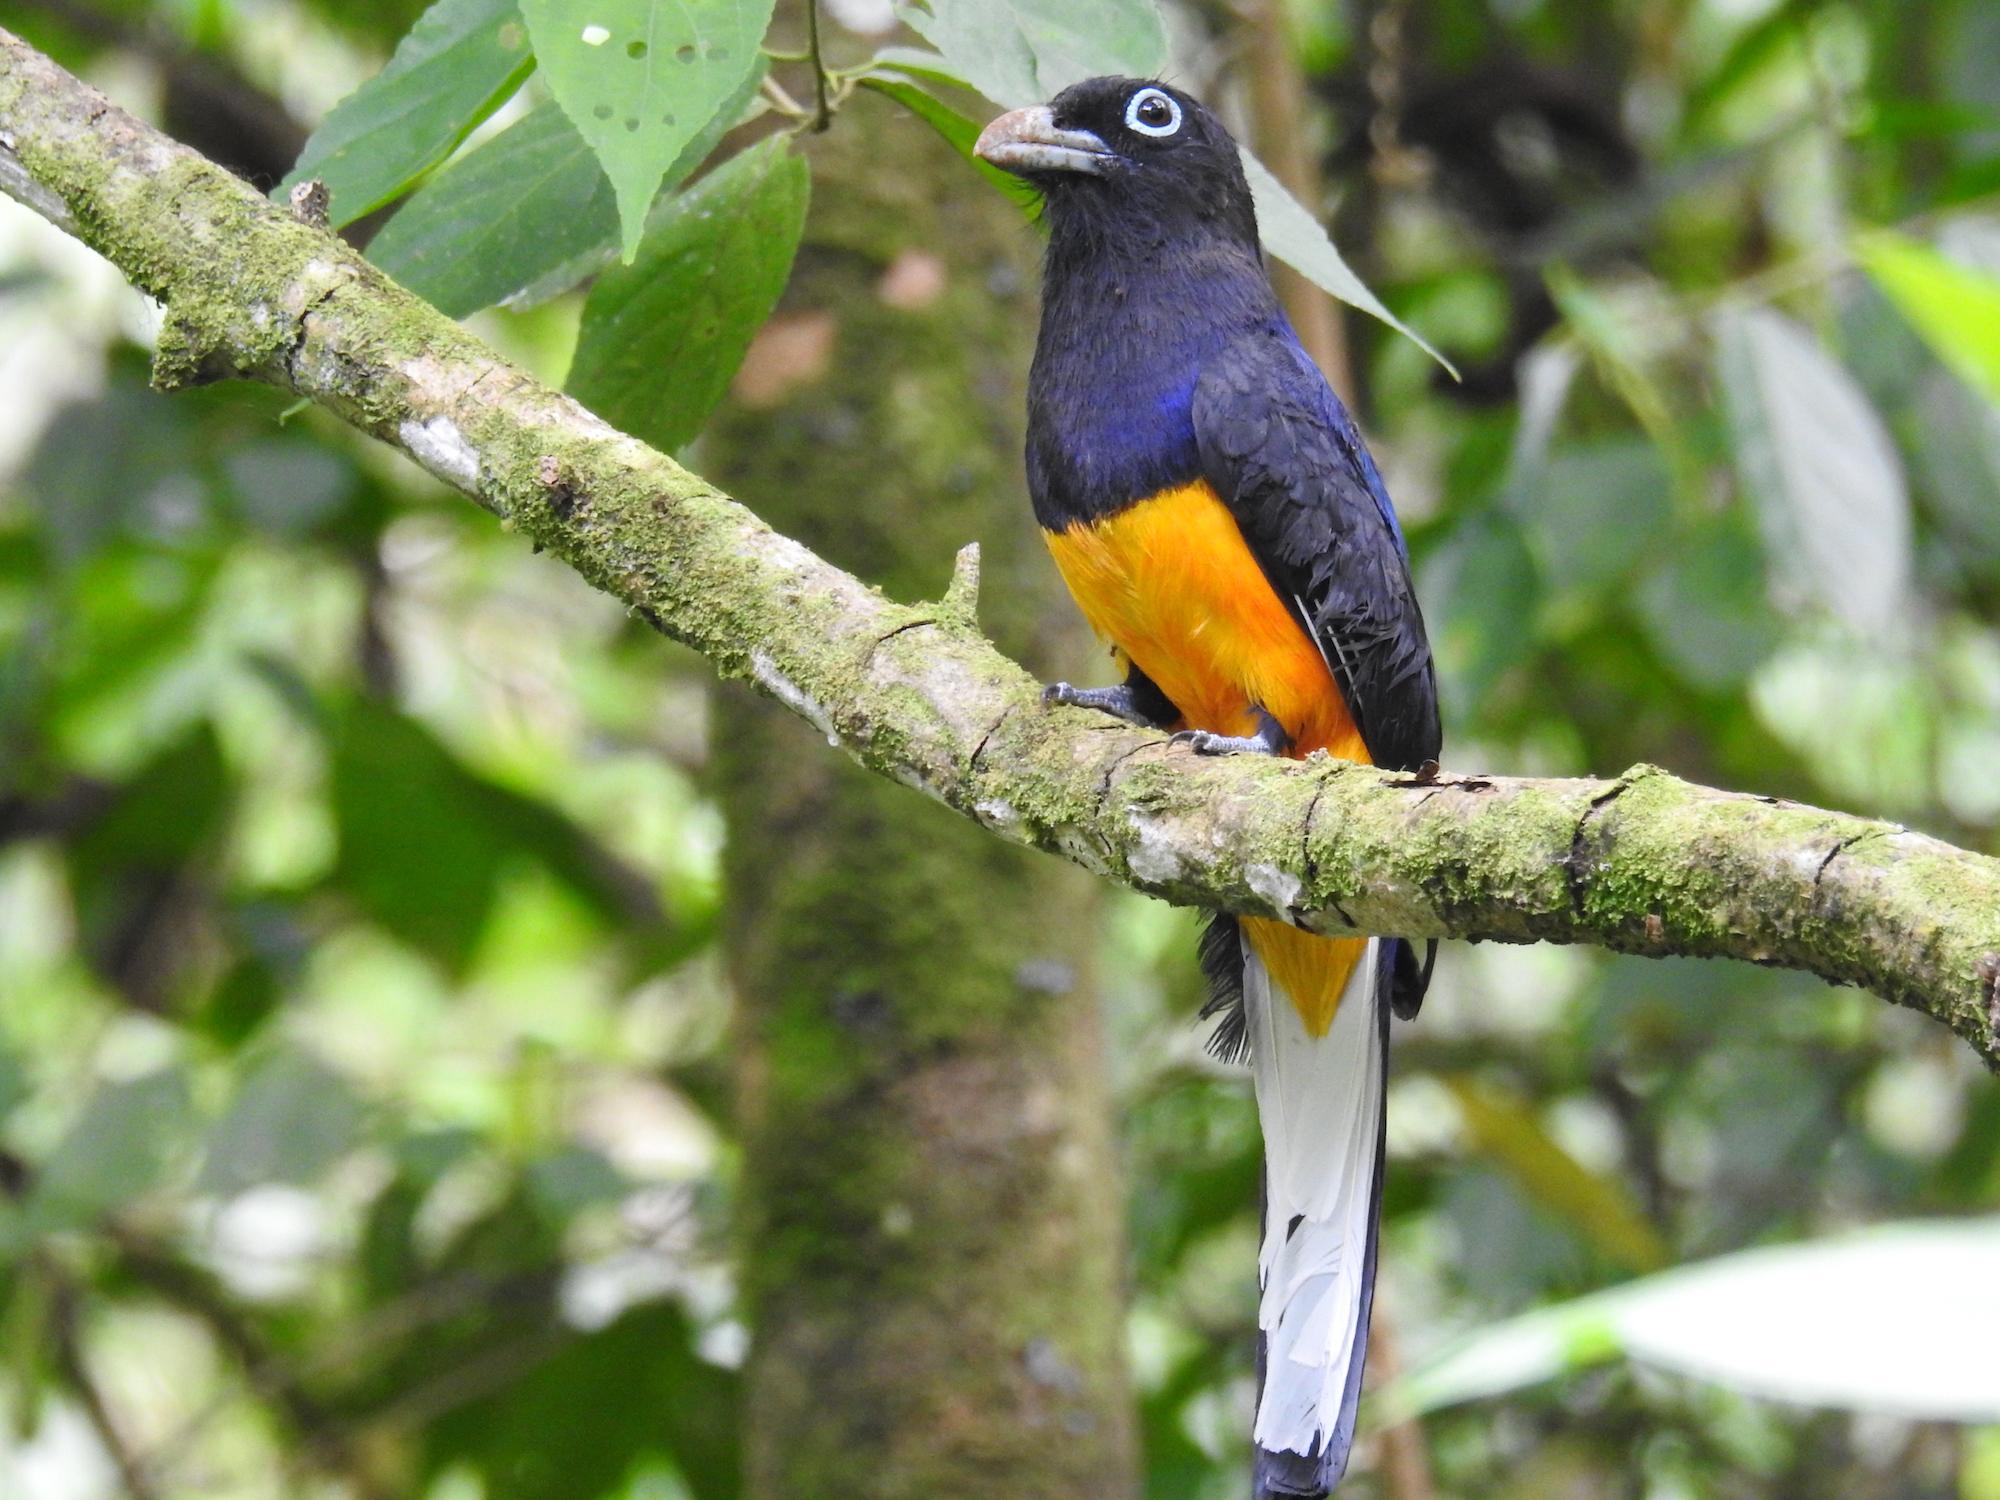 Erradicación de cultivos. La Serranía de las Quinchas es una Área Importante para la Conservación de las Aves (AICA). Foto: Camilo Altamar.